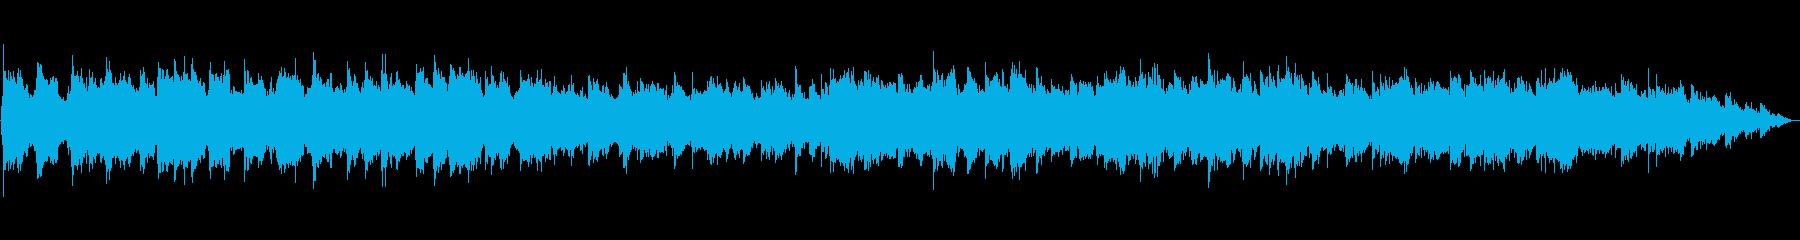 生演奏の笛のヒーリングミュージックの再生済みの波形